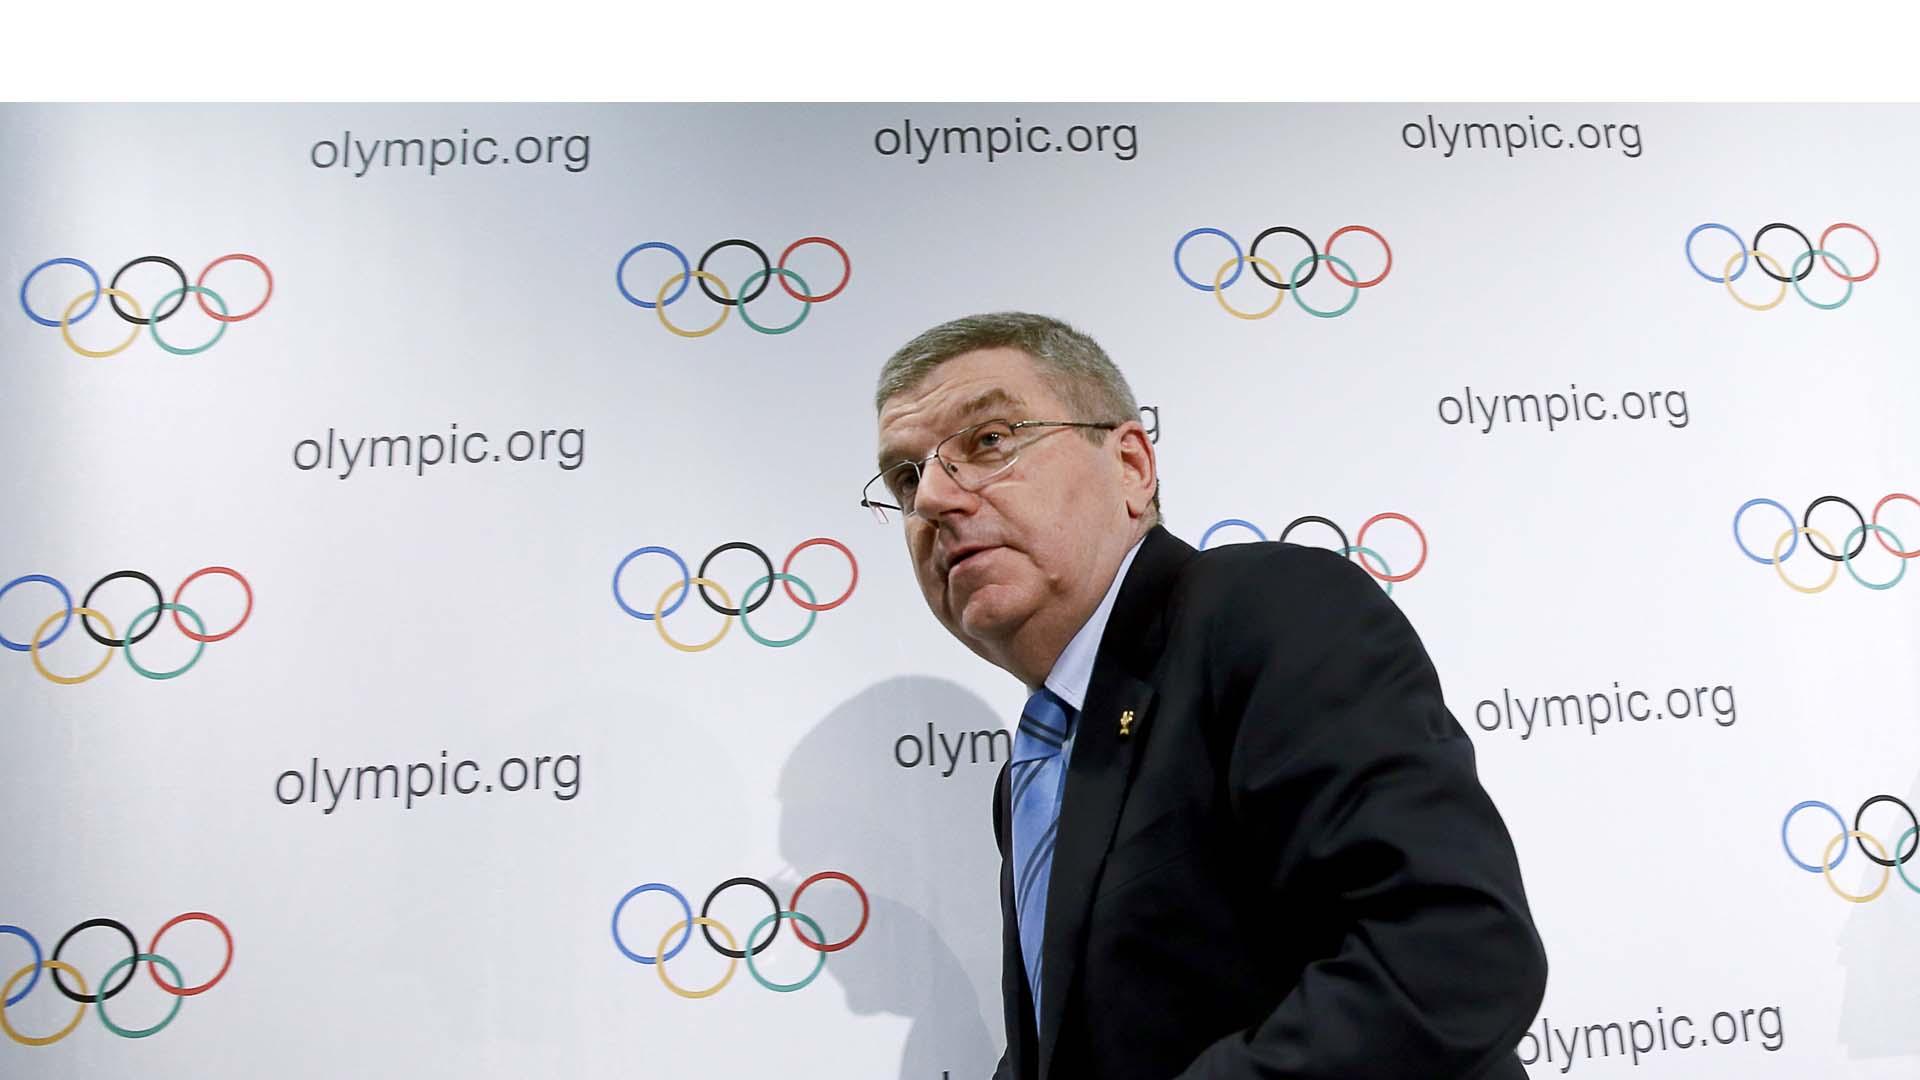 Comité Olímpico Internacional elaboró primer código mundial para proteger a los atletas de la corrupción y las drogas que desmejoran el espectáculo